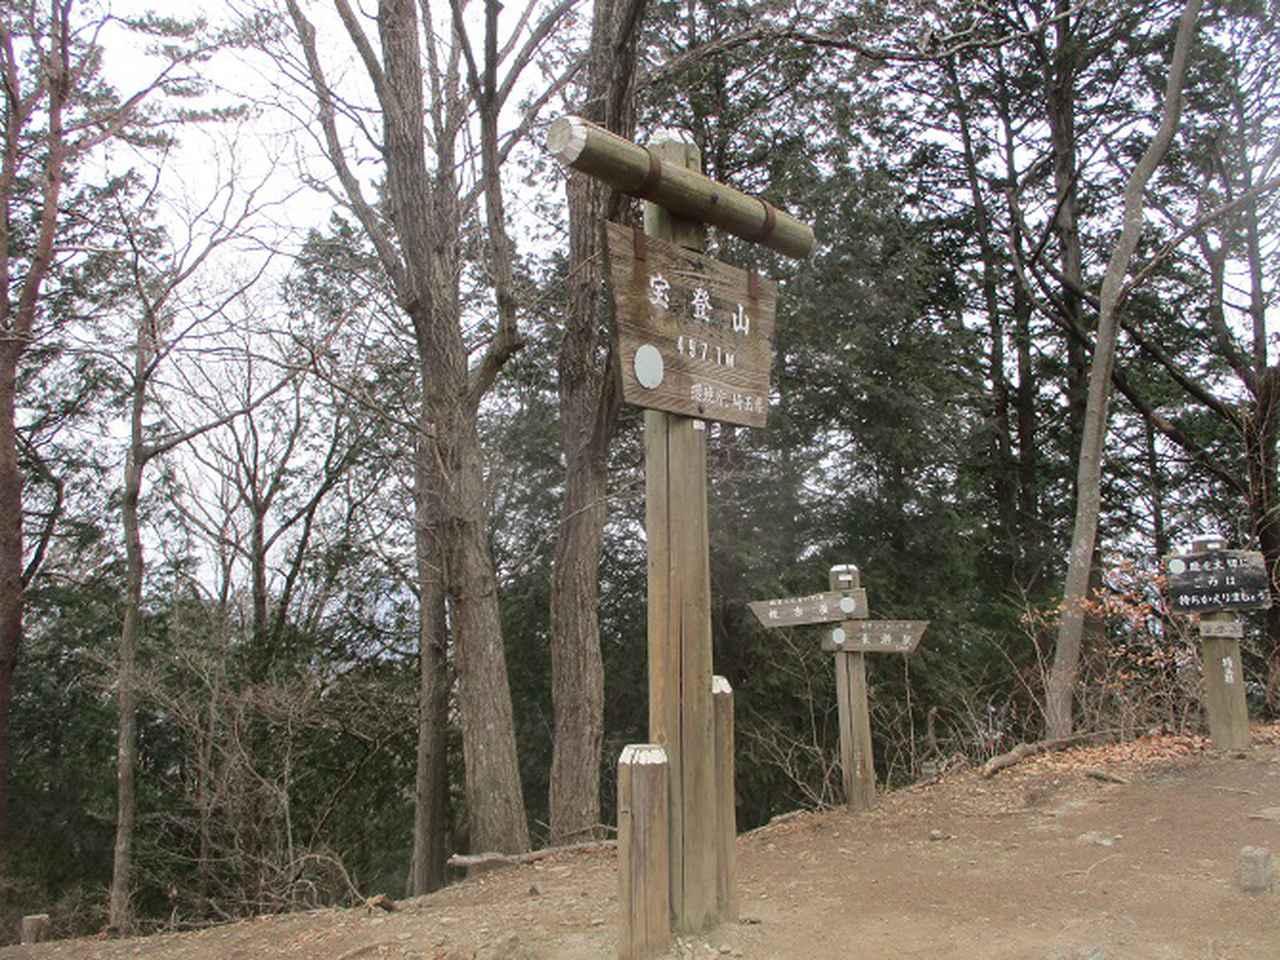 画像8: 来年冬の企画素材を探して長瀞アルプスを歩いてきました!